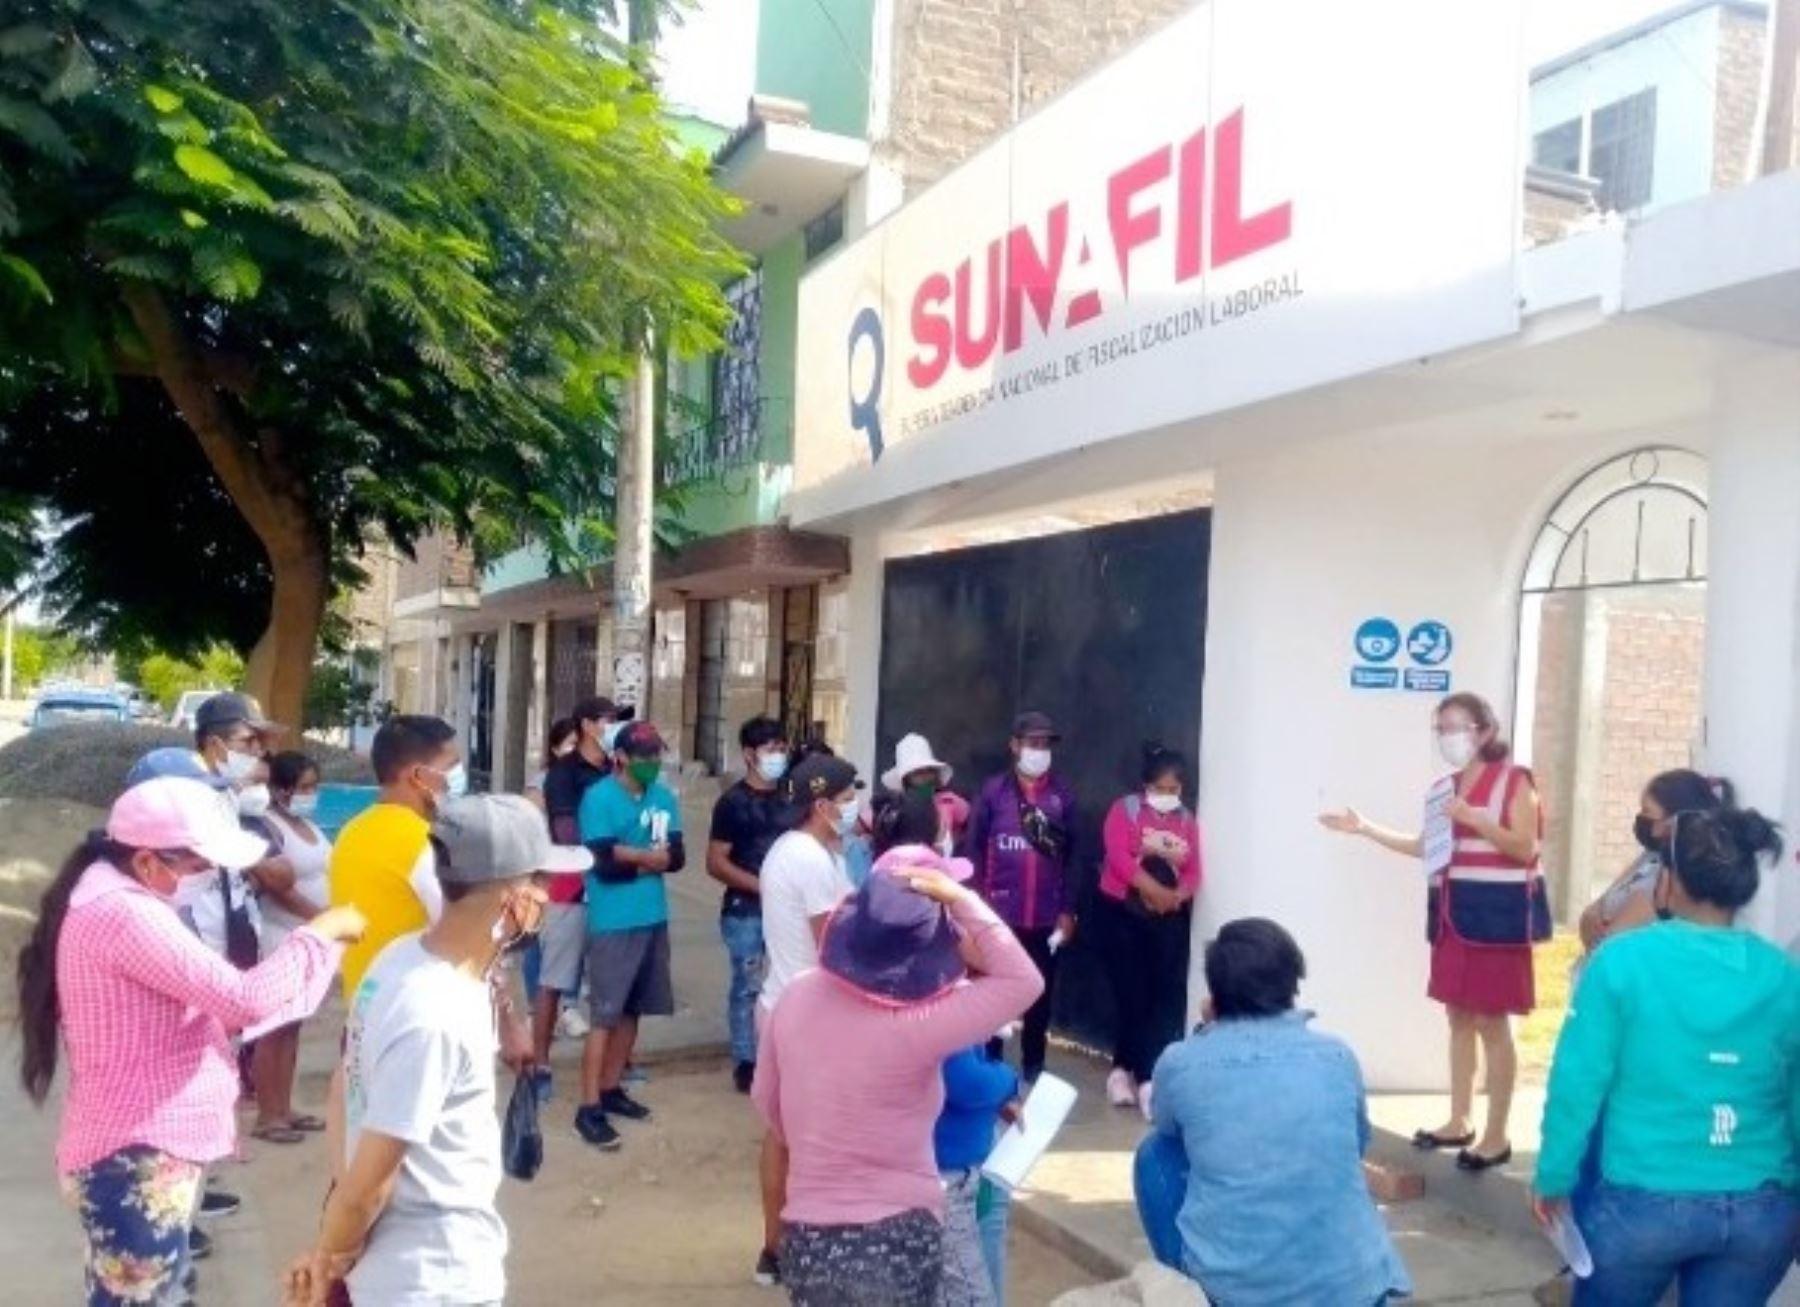 Sunafil investiga en Ica denuncia sobre presuntos despidos arbitrarios que presentaron trabajadores agrarios. Foto: ANDINA/difusión.